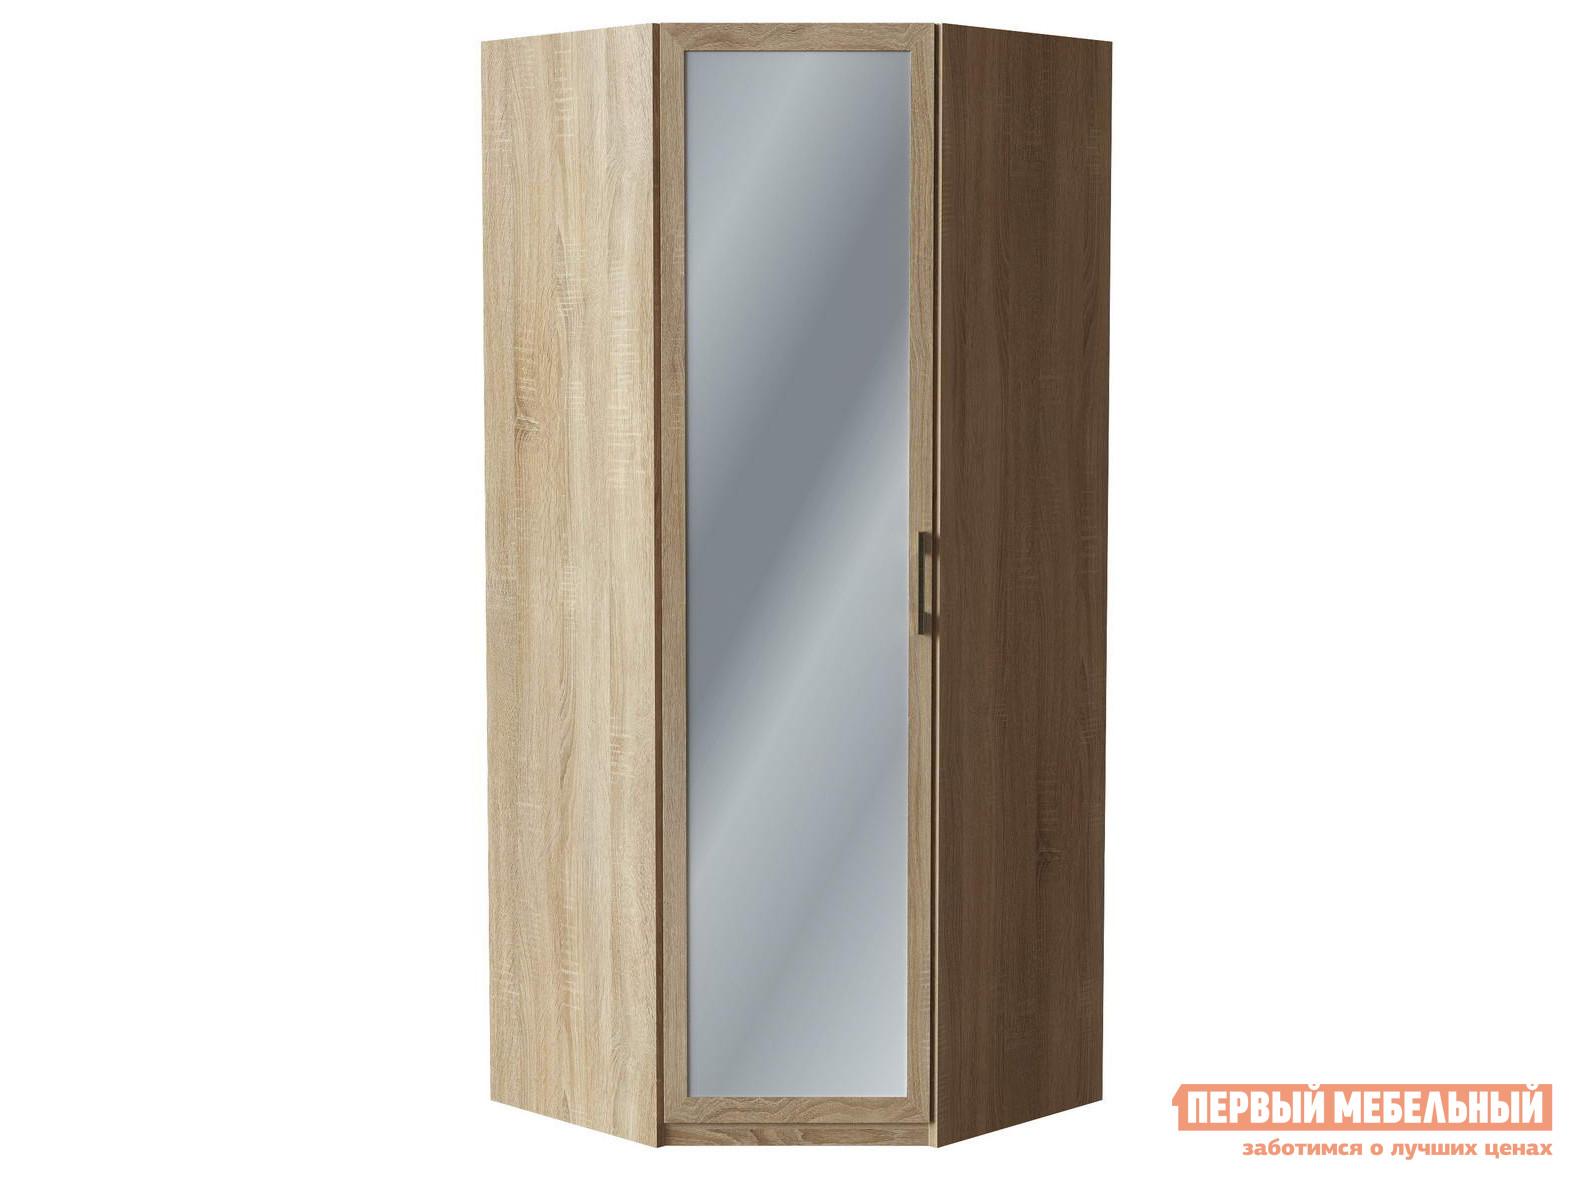 Шкаф угловой Первый Мебельный Вега Прованс ШУ с зеркалом шкаф первый мебельный вега прованс 10